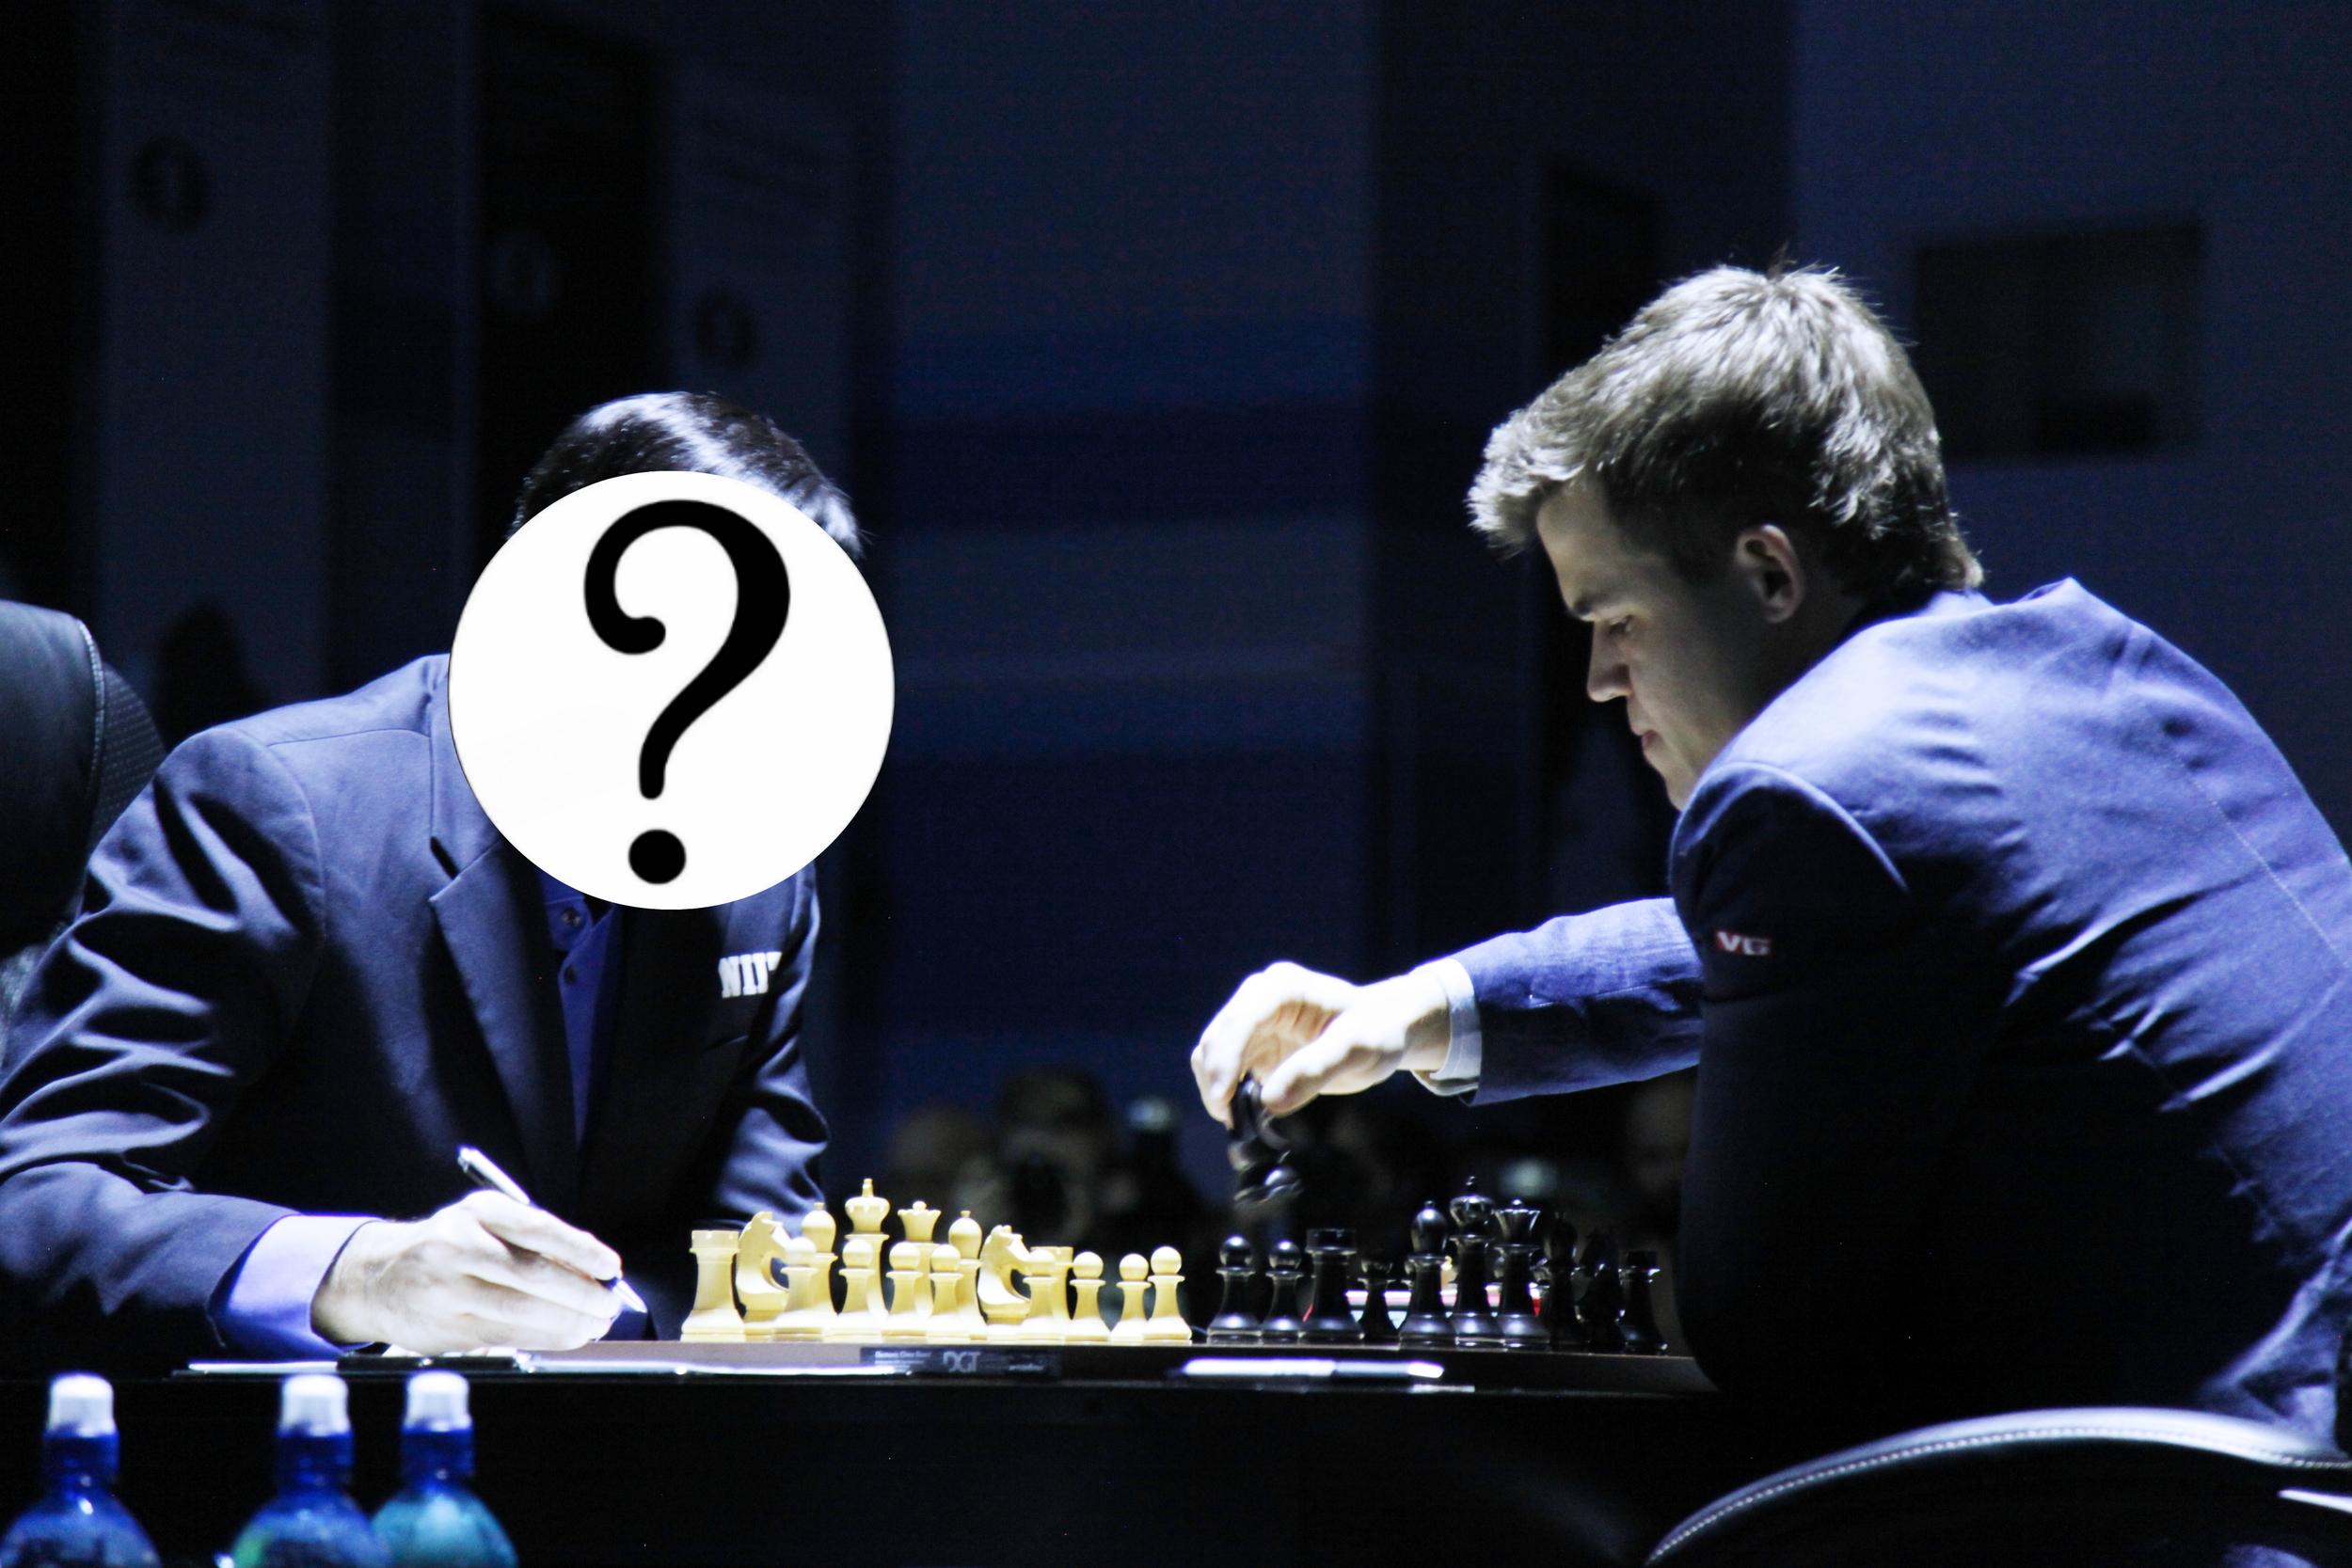 В российской столице решится, кто оспорит титул Чемпиона мира по шахматам